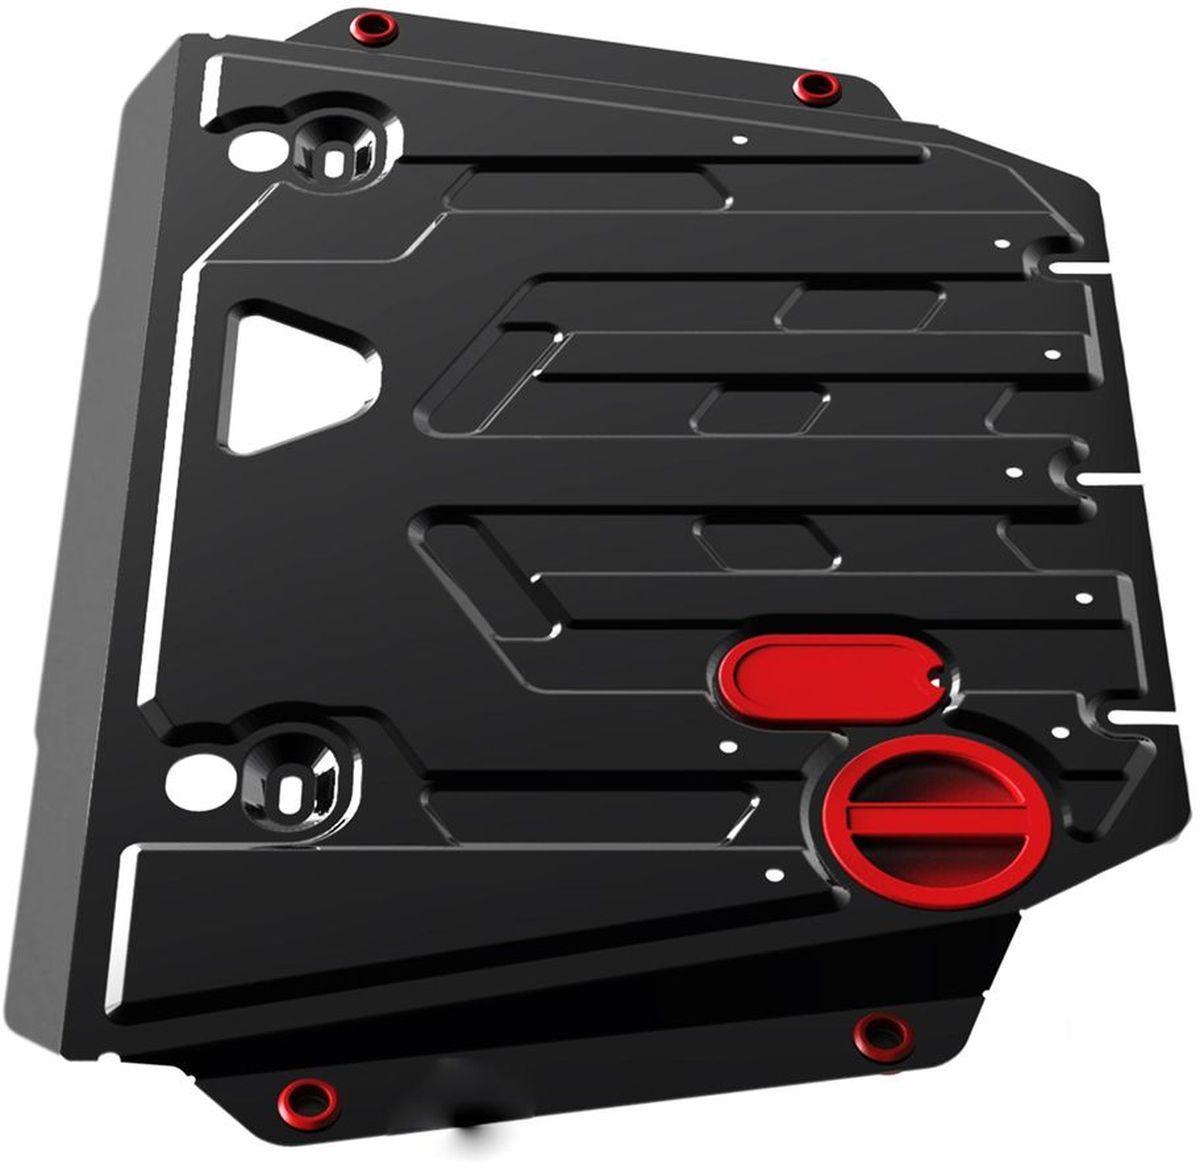 Защита картера и КПП Автоброня, для Lifan Breez V - 1,3; 1,6 (2006-)1004900000360Технологически совершенный продукт за невысокую стоимость.Защита разработана с учетом особенностей днища автомобиля, что позволяет сохранить дорожный просвет с минимальным изменением.Защита устанавливается в штатные места кузова автомобиля. Глубокий штамп обеспечивает до двух раз больше жесткости в сравнении с обычной защитой той же толщины. Проштампованные ребра жесткости препятствуют деформации защиты при ударах.Тепловой зазор и вентиляционные отверстия обеспечивают сохранение температурного режима двигателя в норме. Скрытый крепеж предотвращает срыв крепежных элементов при наезде на препятствие.Шумопоглощающие резиновые элементы обеспечивают комфортную езду без вибраций и скрежета металла, а съемные лючки для слива масла и замены фильтра - экономию средств и время.Конструкция изделия не влияет на пассивную безопасность автомобиля (при ударе защита не воздействует на деформационные зоны кузова). Со штатным крепежом. В комплекте инструкция по установке.Толщина стали: 2 мм.Уважаемые клиенты!Обращаем ваше внимание, что элемент защиты имеет форму, соответствующую модели данного автомобиля. Фото служит для визуального восприятия товара и может отличаться от фактического.